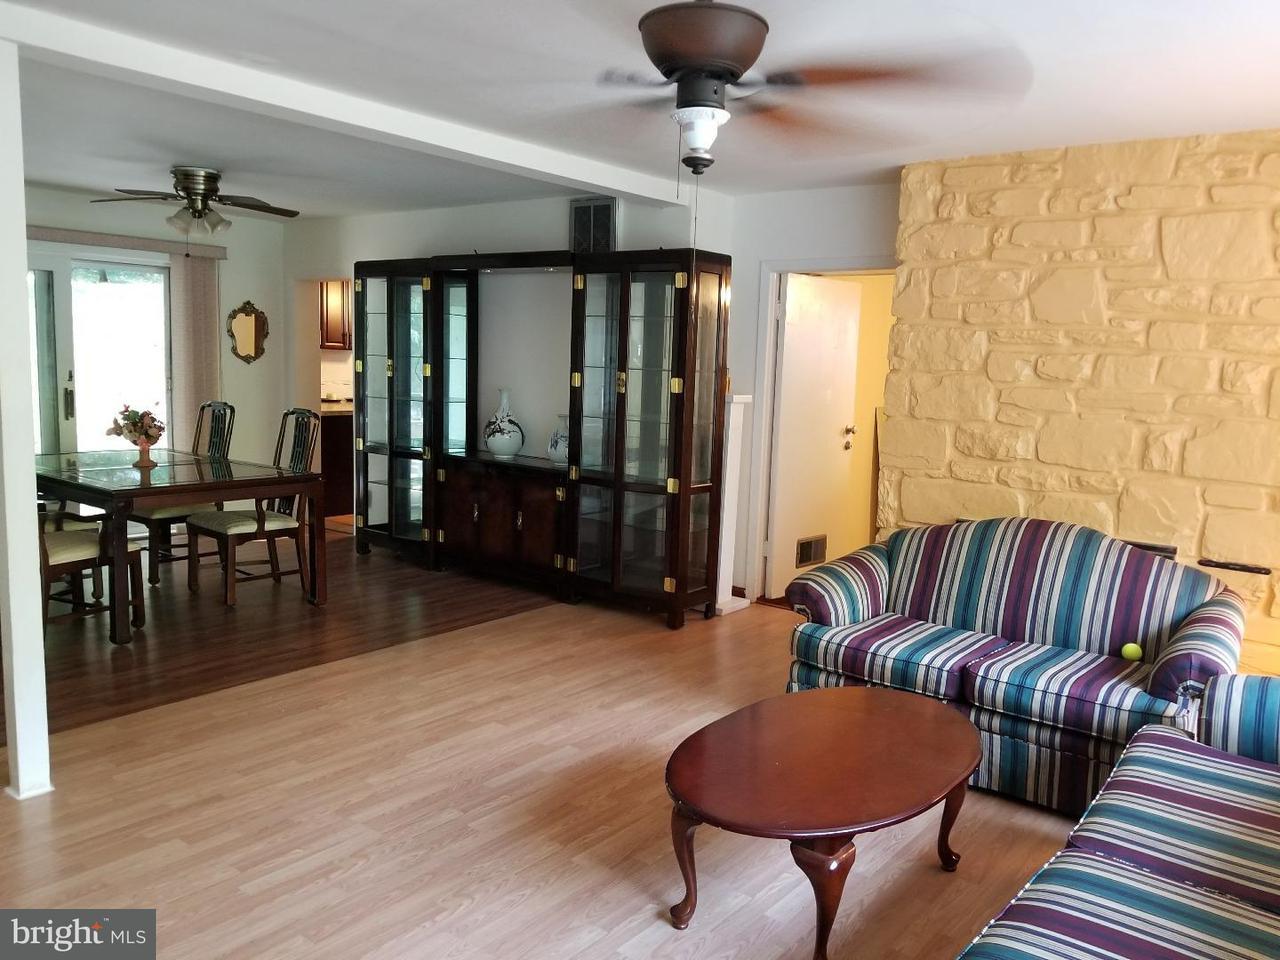 Частный односемейный дом для того Продажа на 7304 GRANITE Road Melrose Park, Пенсильвания 19027 Соединенные Штаты